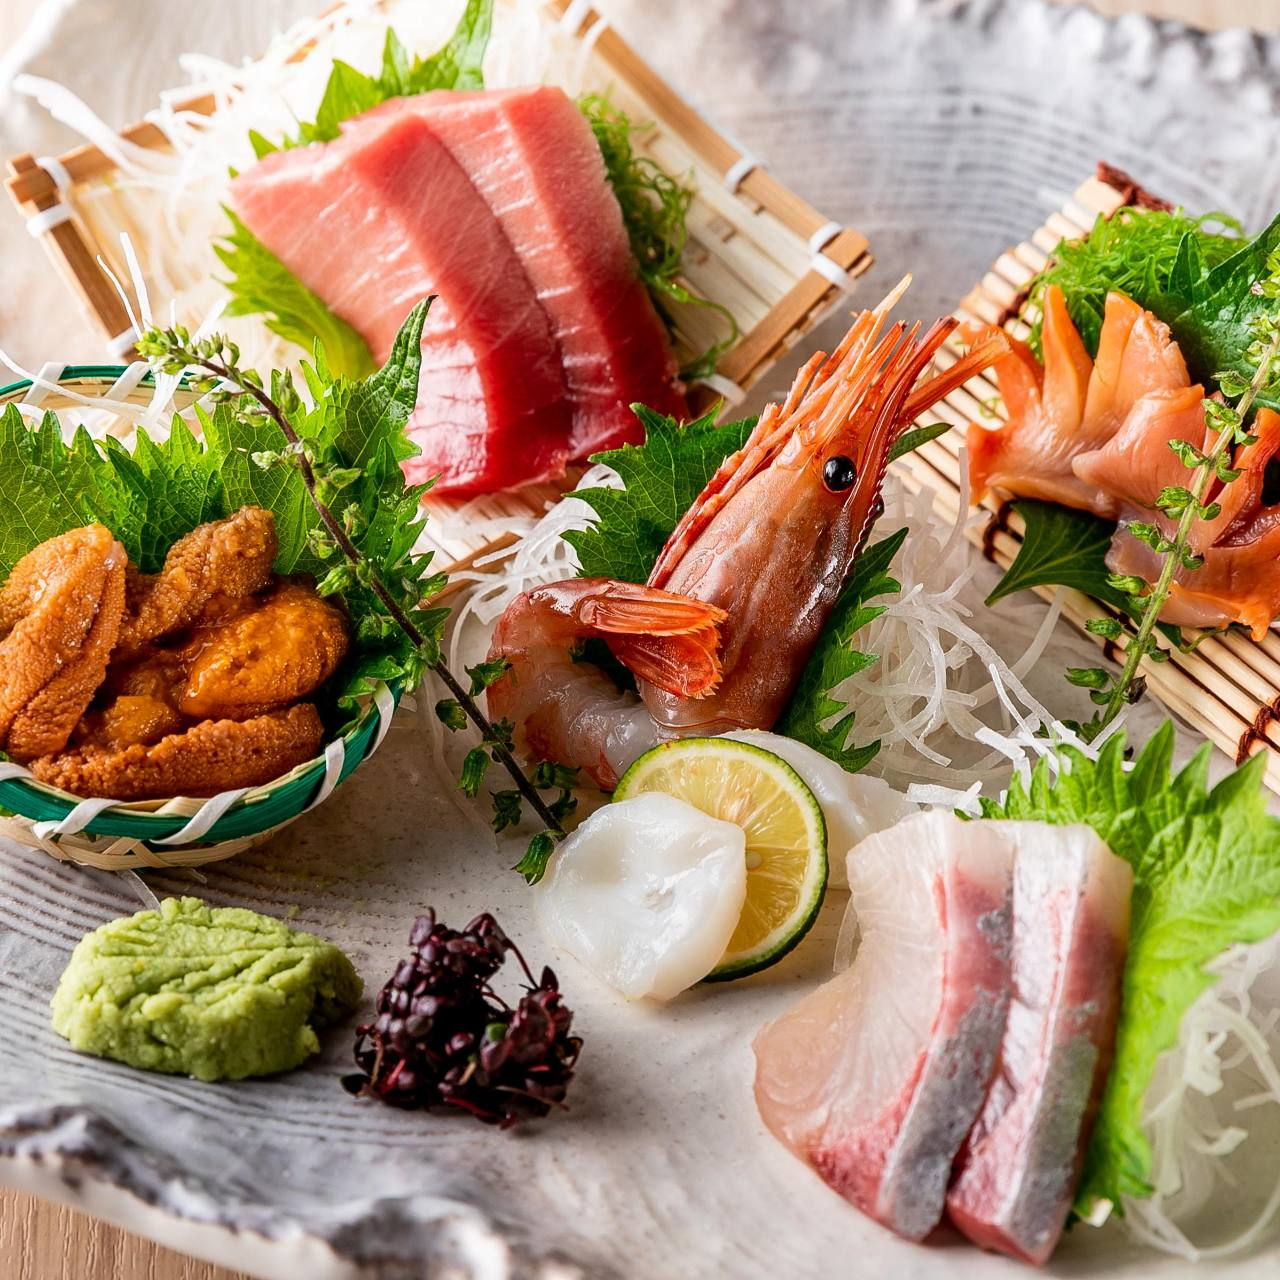 毎朝仕入れる鮮魚をこころゆくまで